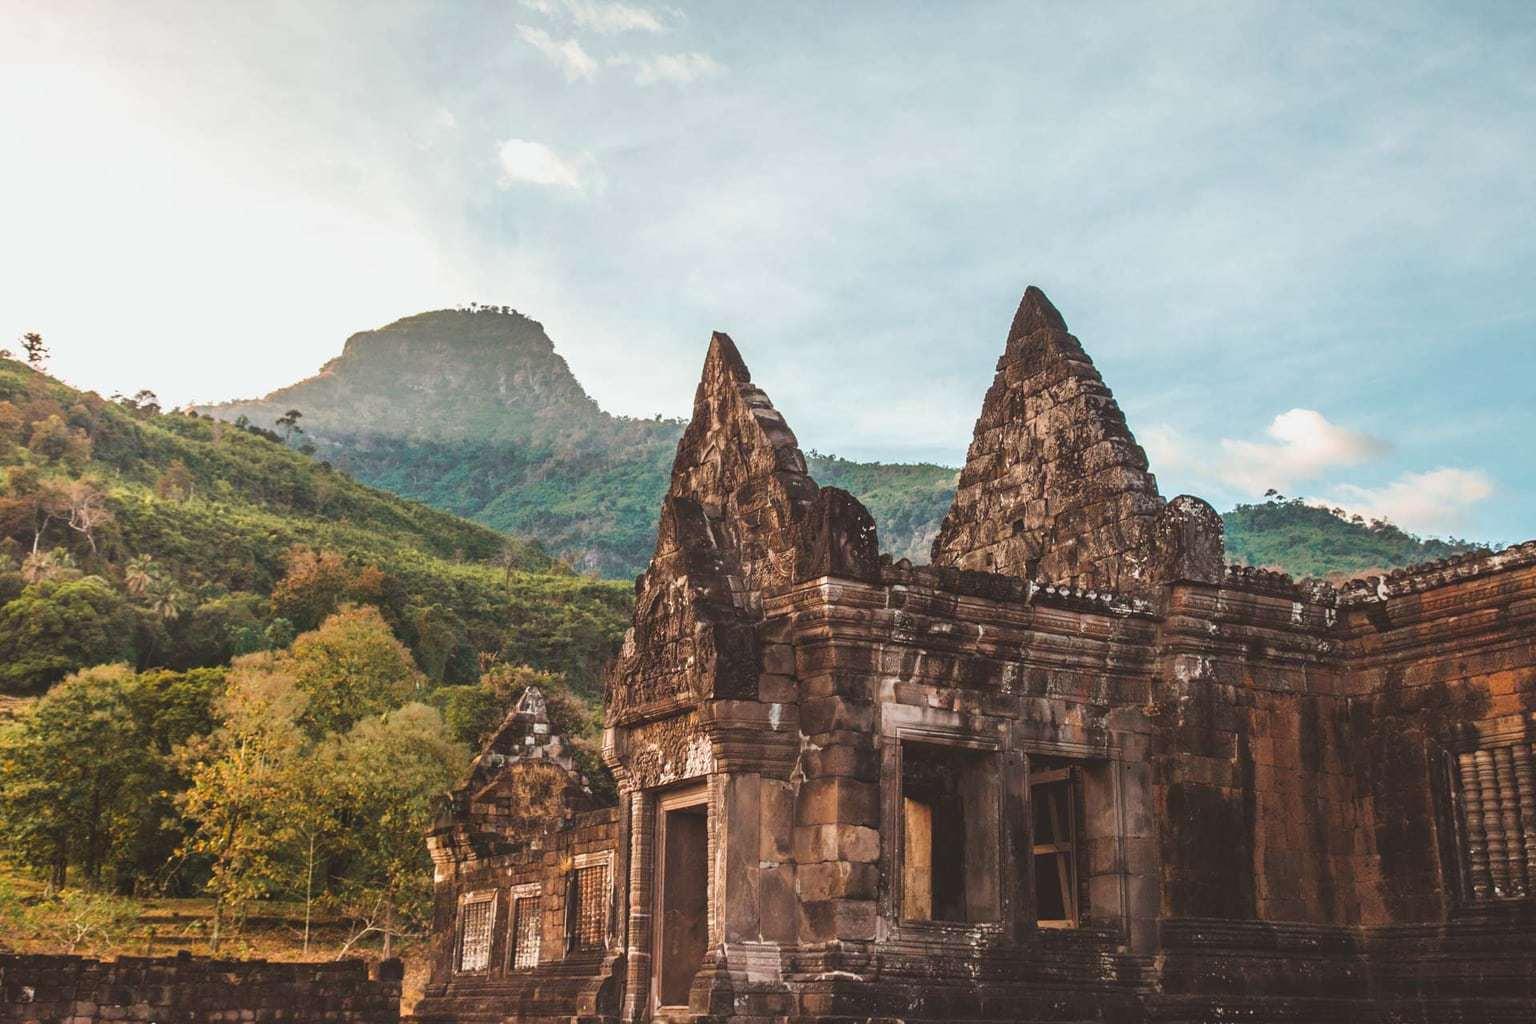 Wat Phou, Vat Phu, ancient Khmer temple complex, Pakse, Southern Laos